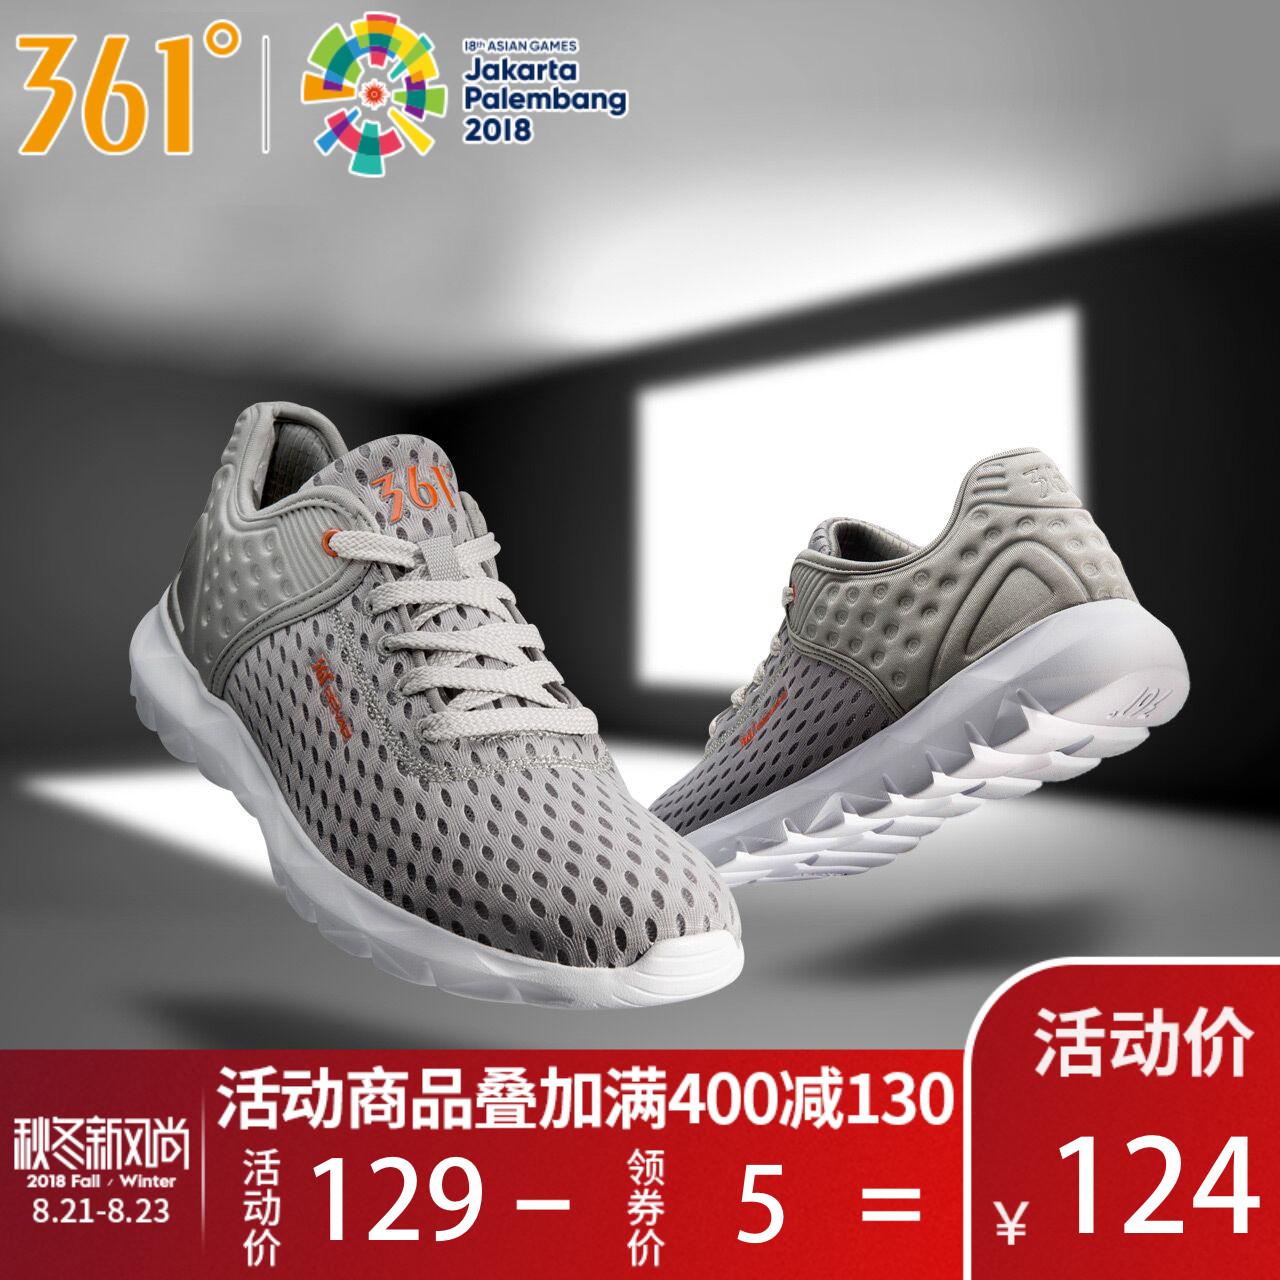 【361度官方旗舰店】男款运动鞋跑步鞋 券后89元包邮